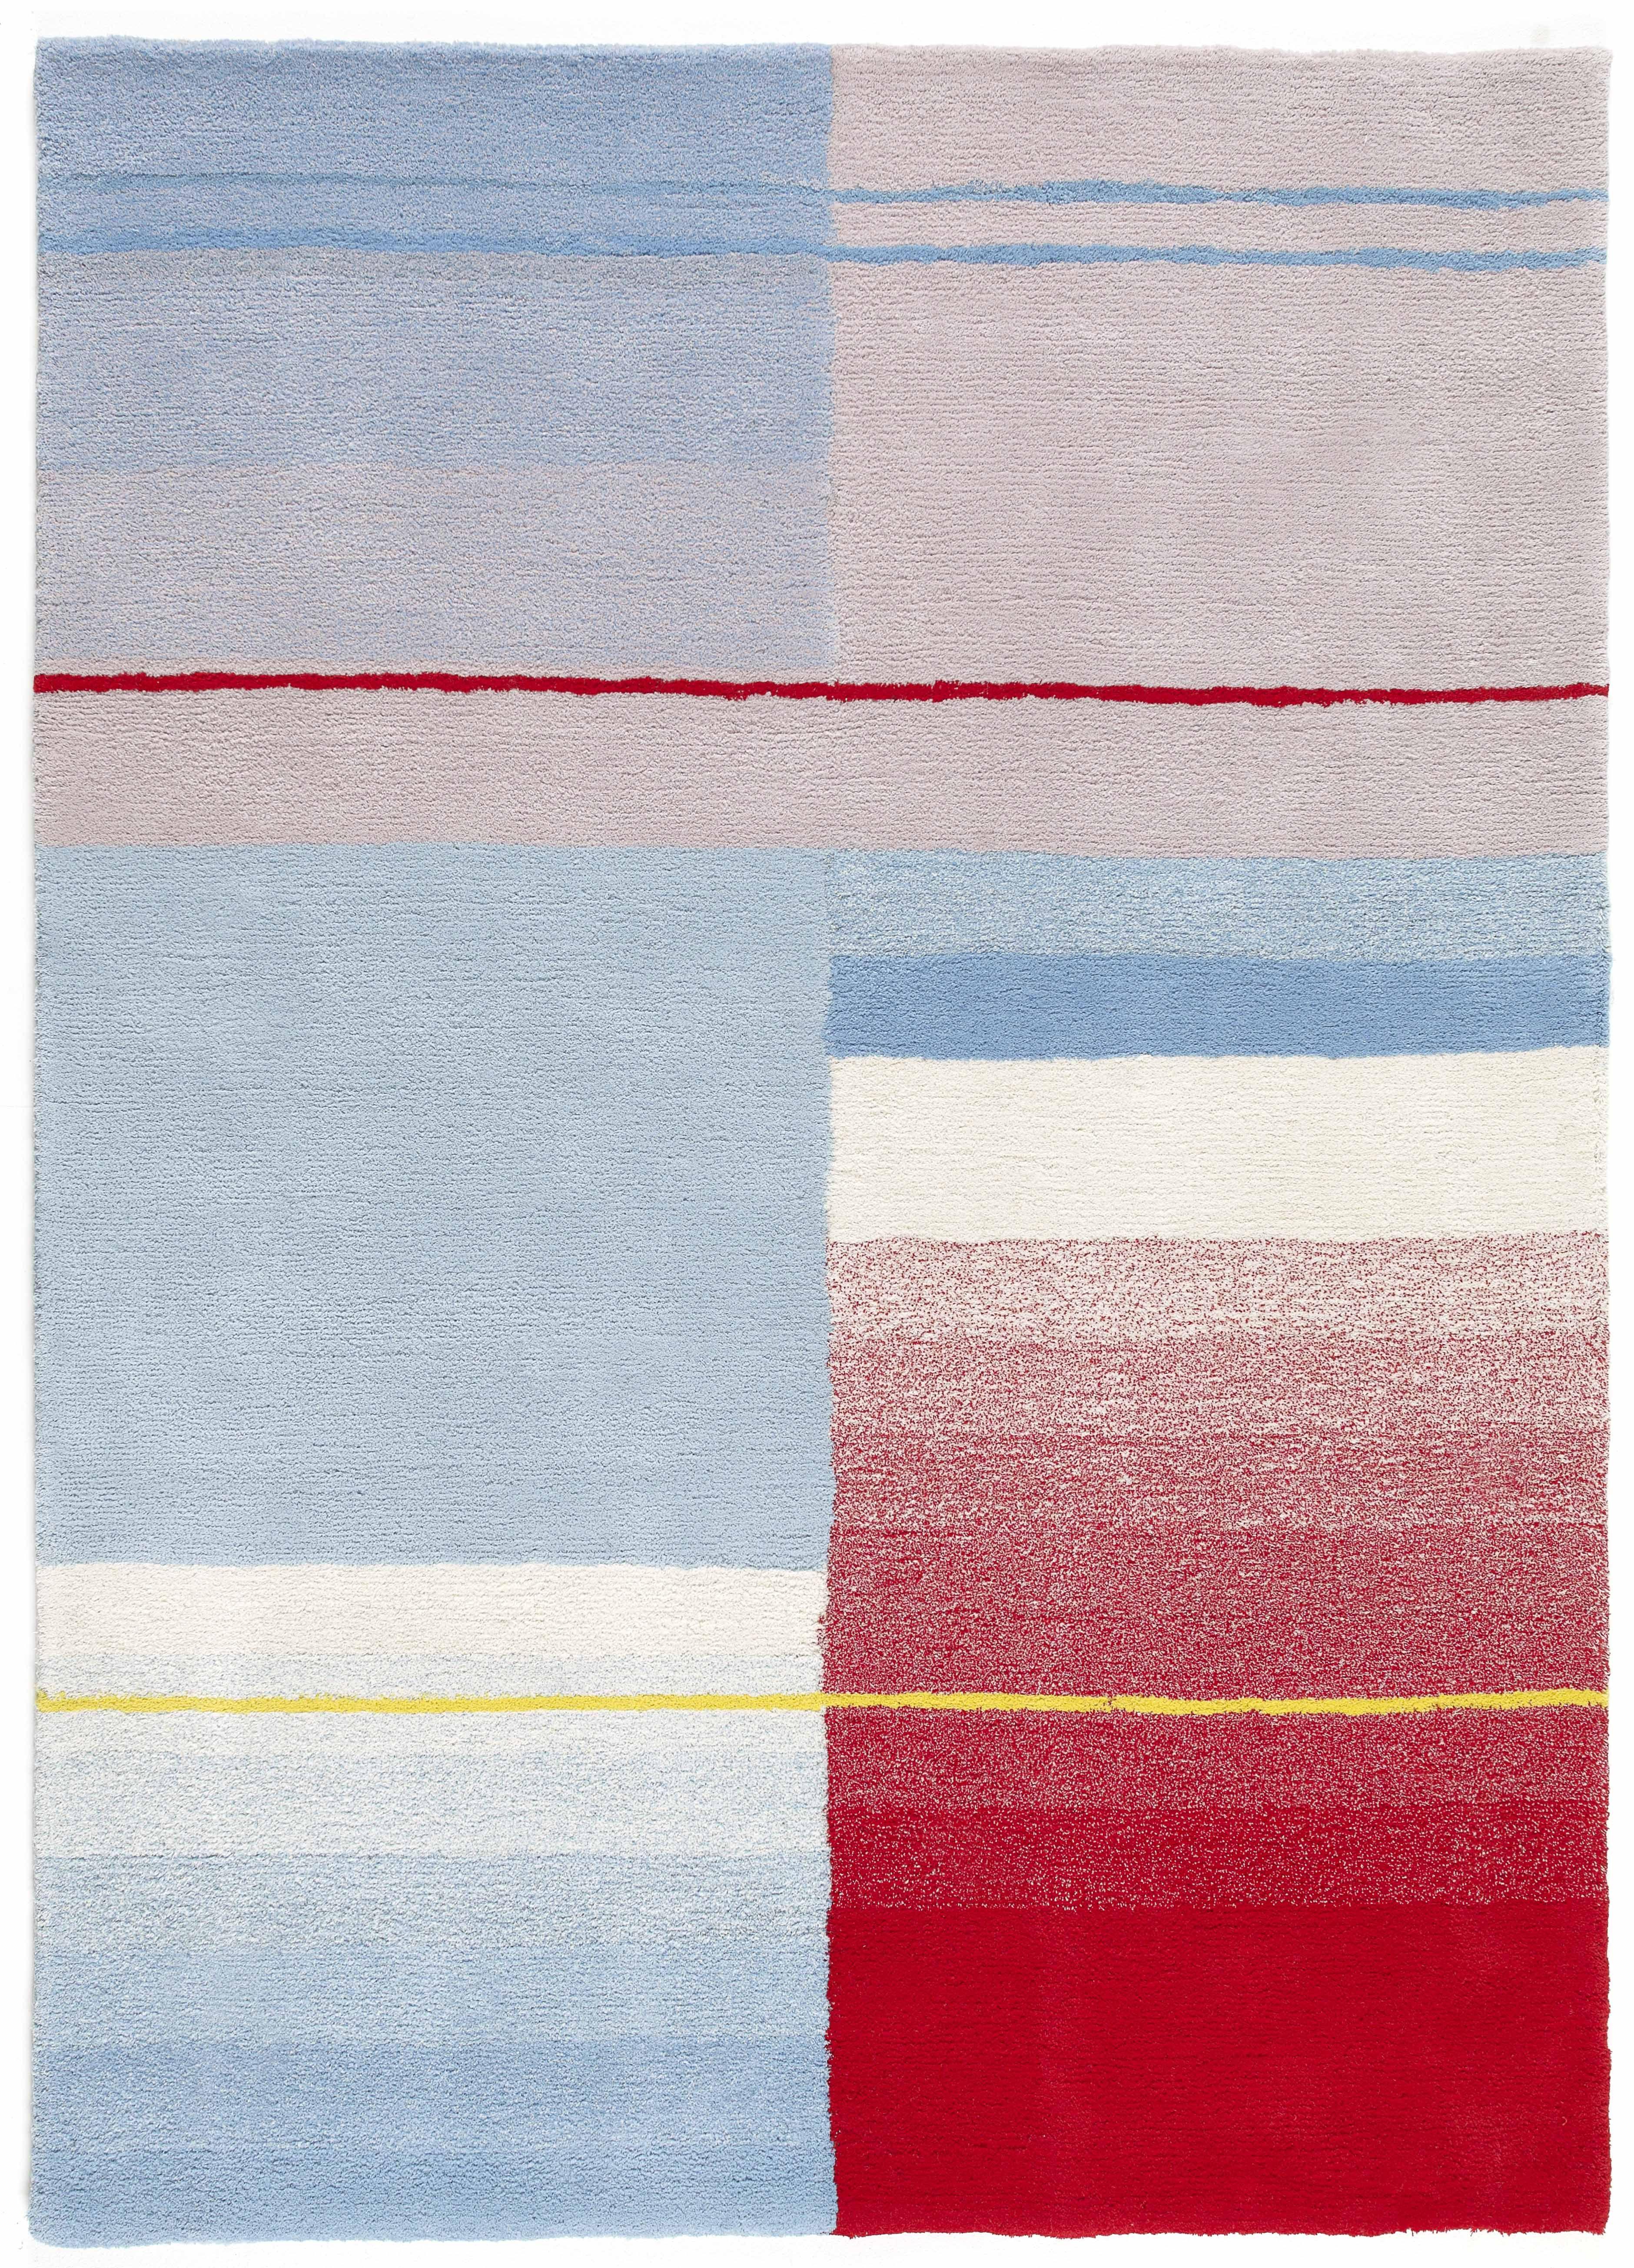 Déco - Tapis - Tapis Colour / 170 x 240 cm - Hay - Bleu ciel, Rouge & Crème - Coton, Laine